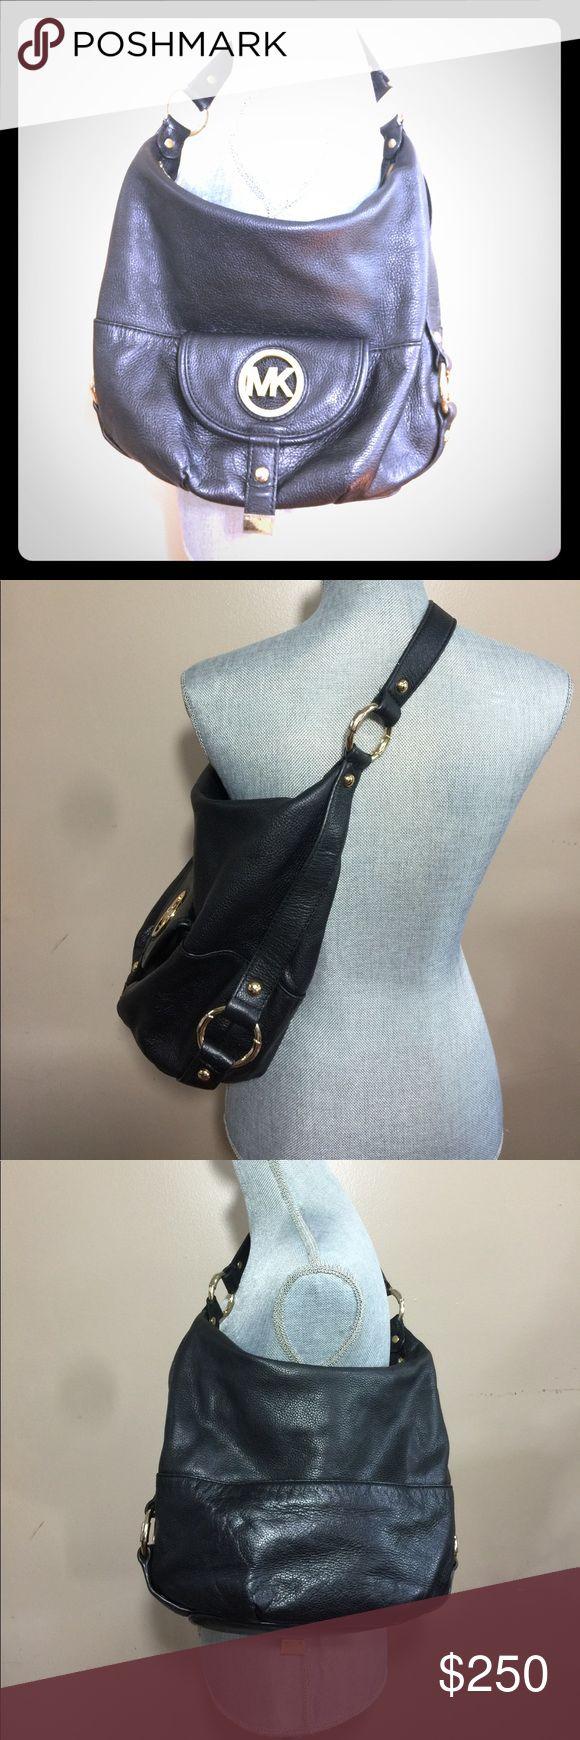 Beautiful Micheal Kors Hand bag Michael Kors black bag in good condition MICHAEL Michael Kors Bags Shoulder Bags